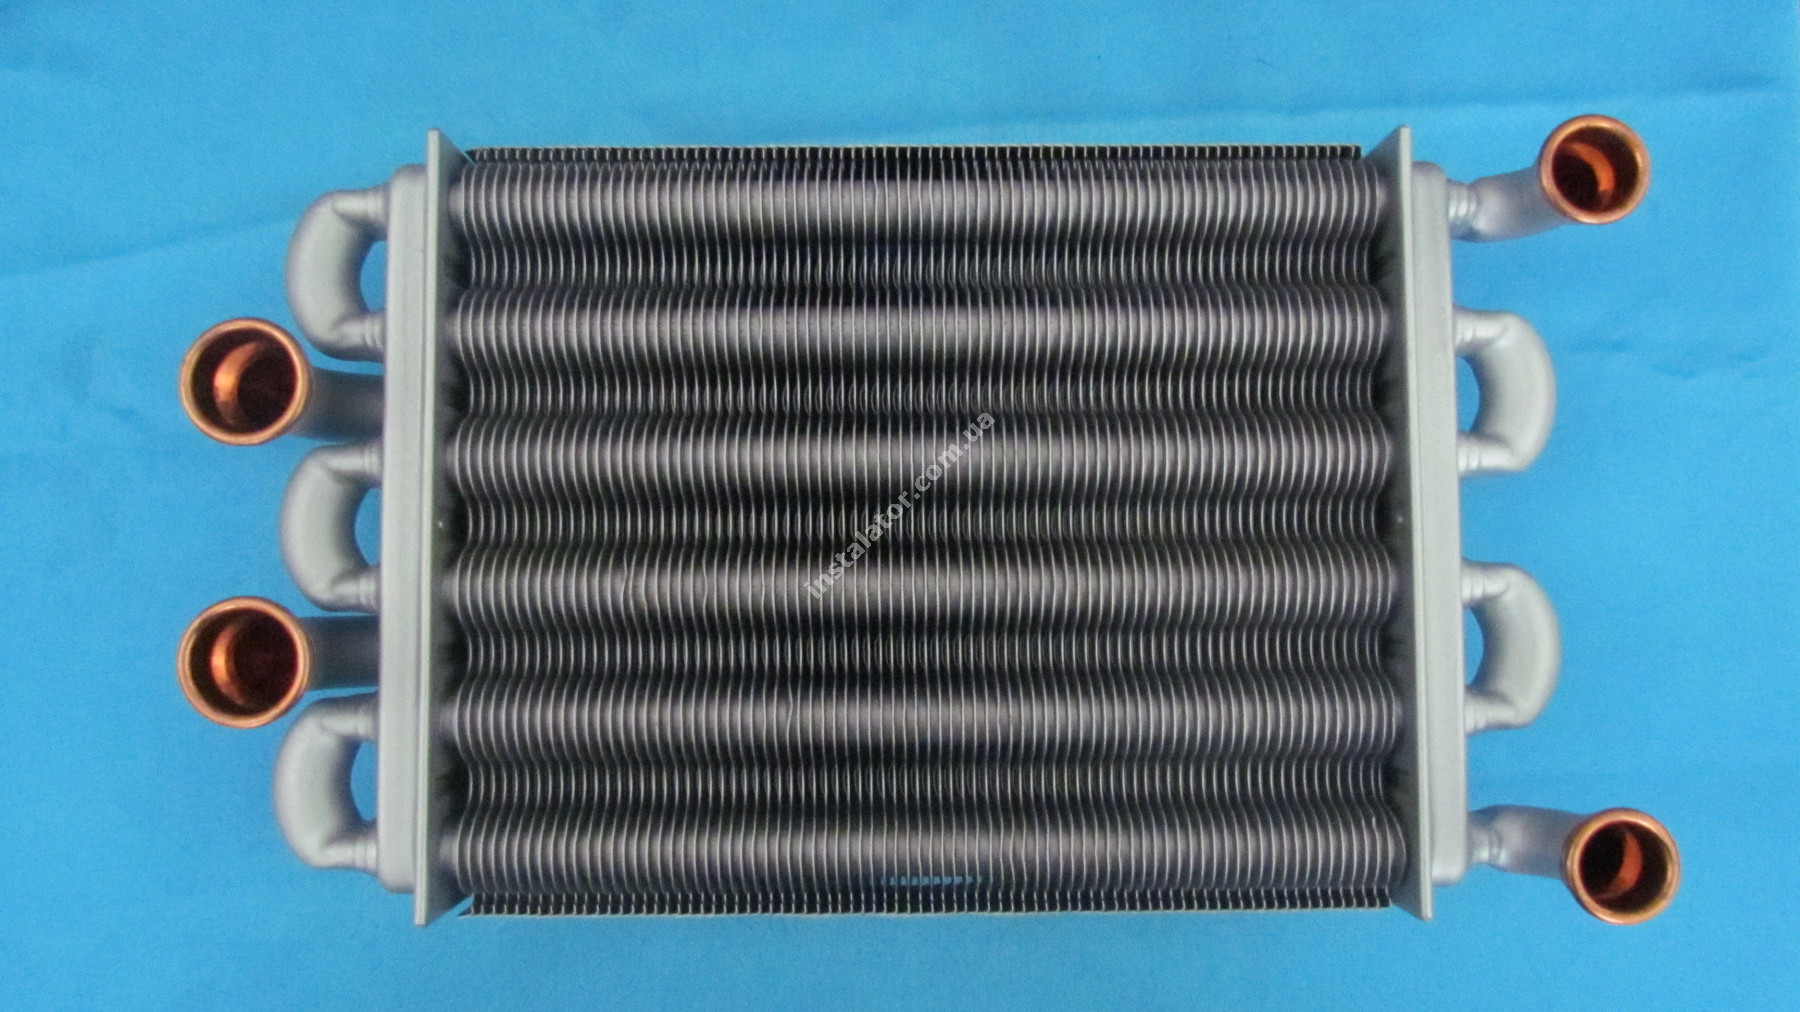 65106300 Теплообмінник бітермічний ARISTON EGIS FF  full-image-2